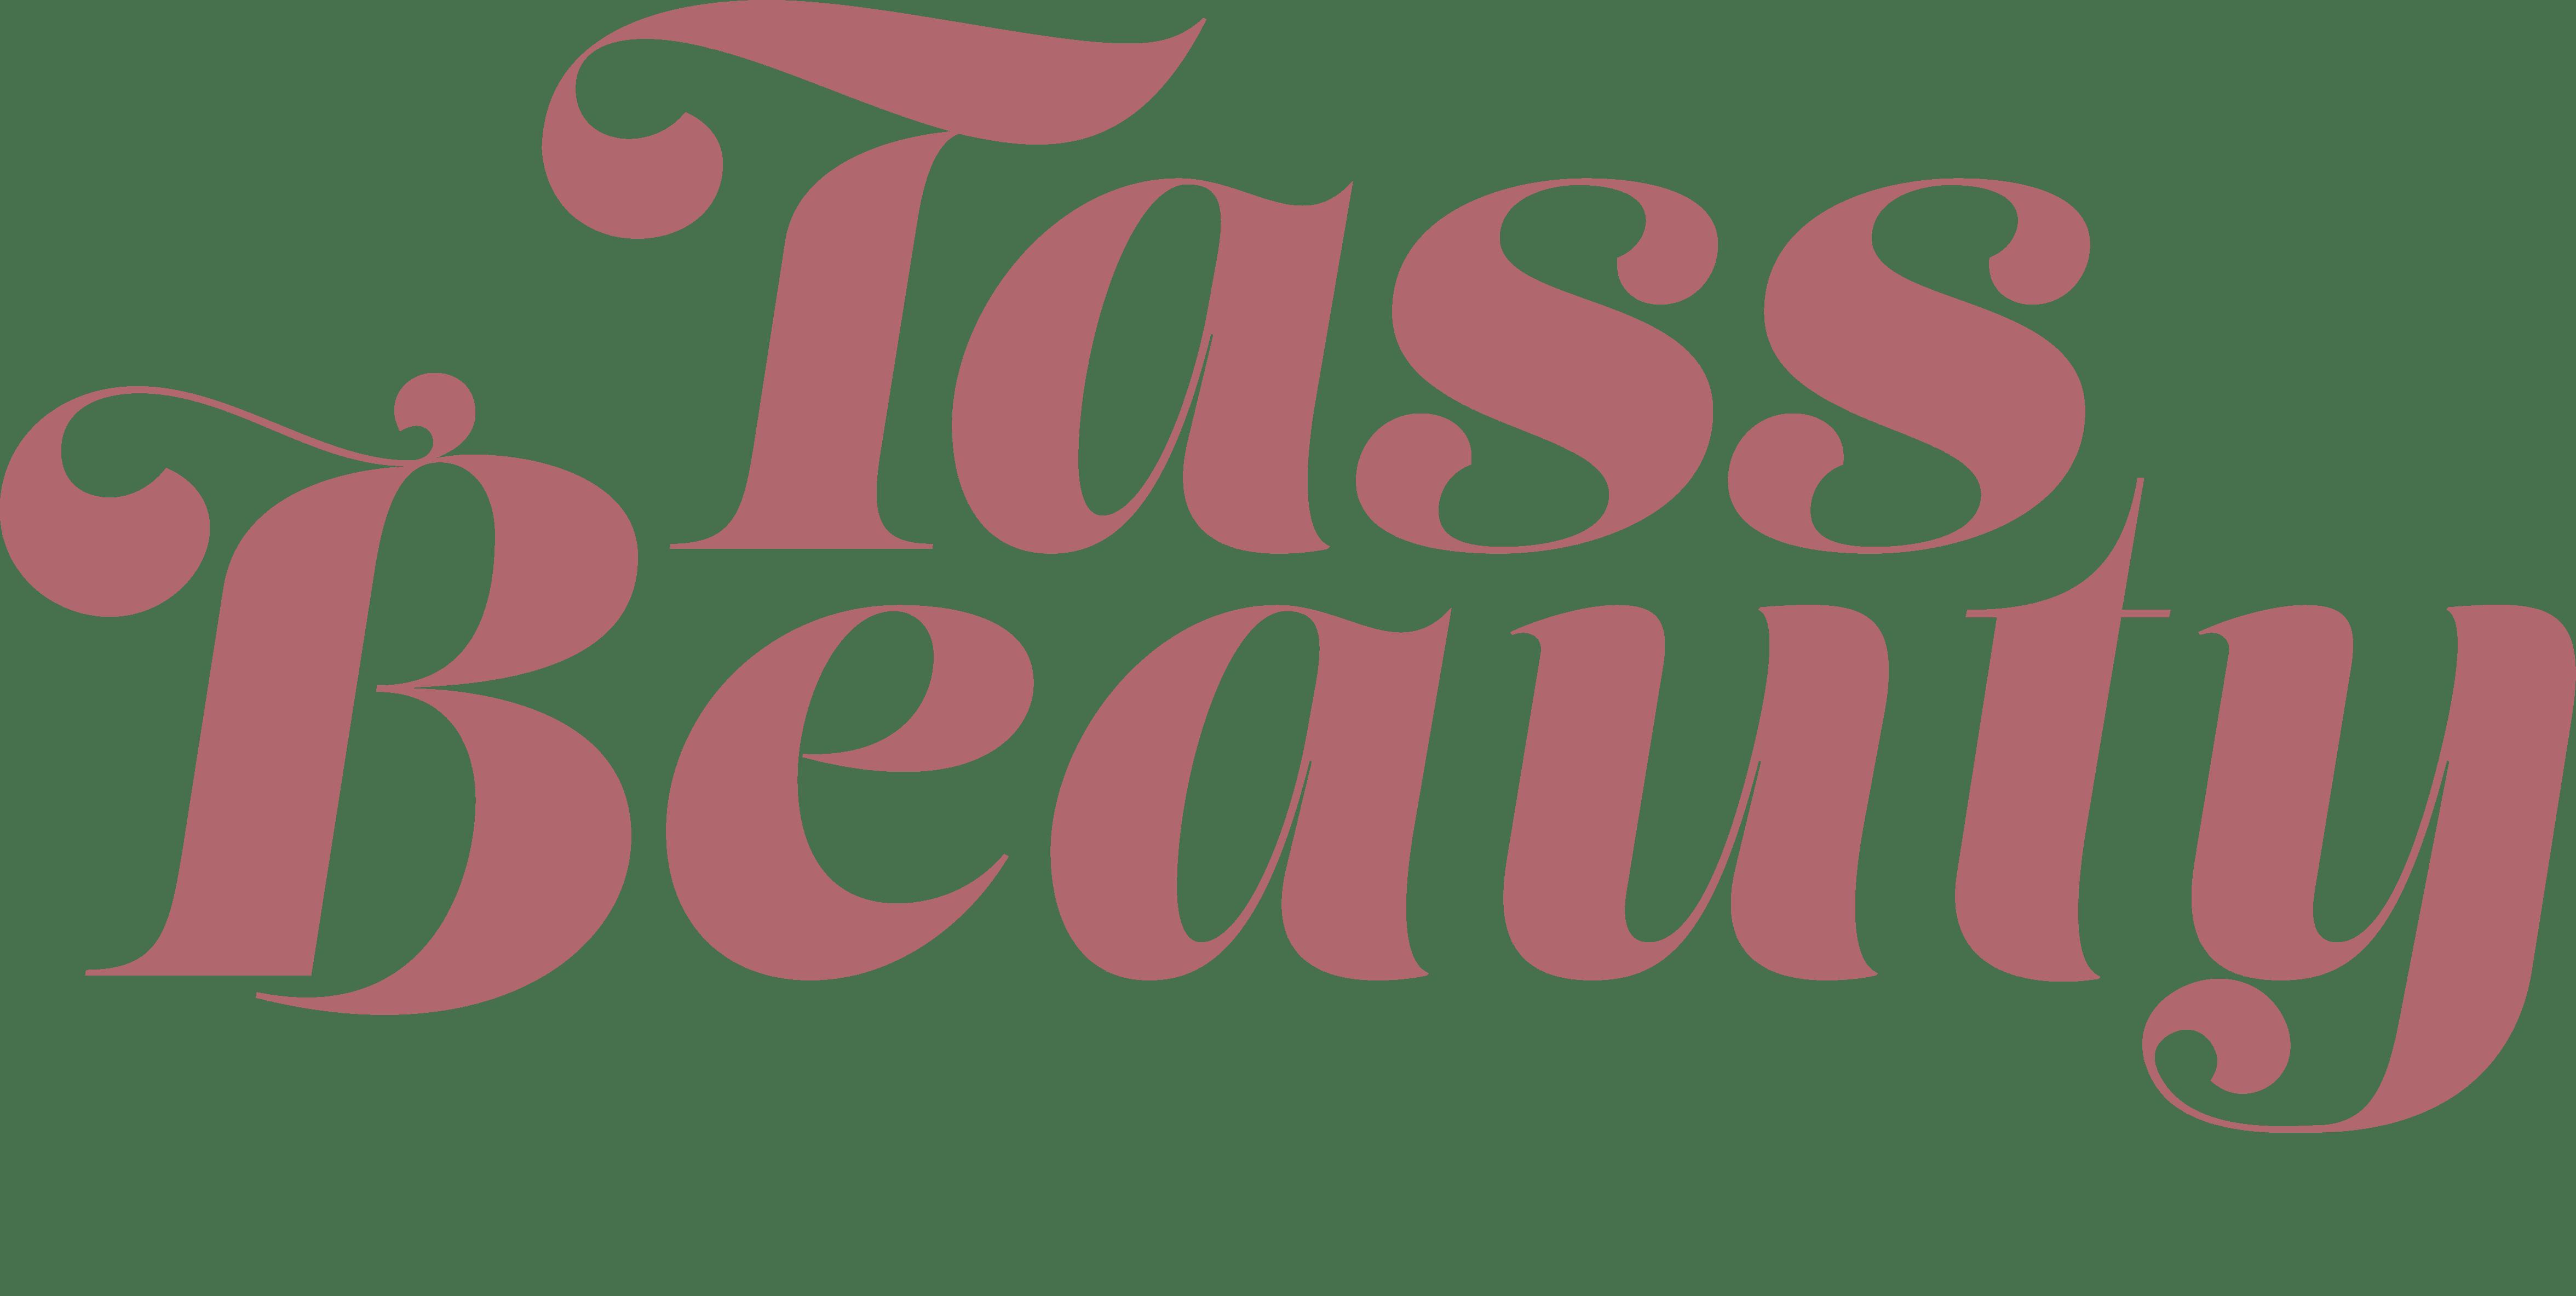 Tass Beauty